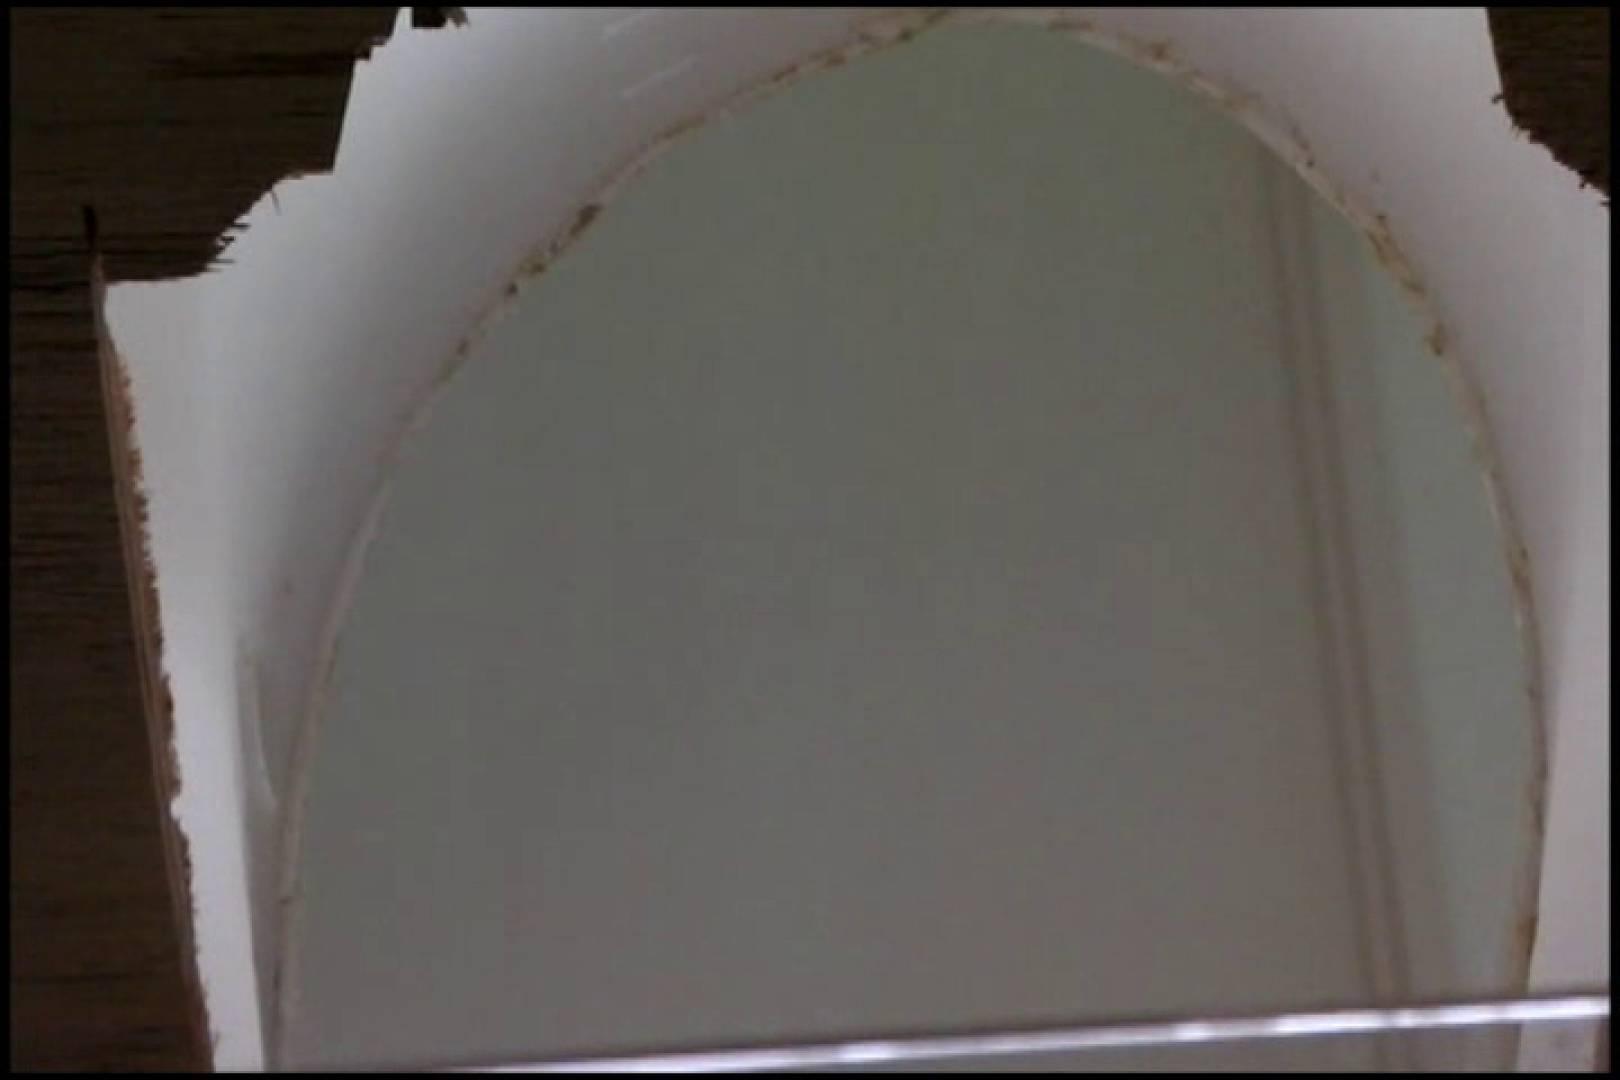 和式にまたがる女たちを待ちうけるカメラの衝撃映像vol.02 接写 ヌード画像 96枚 88